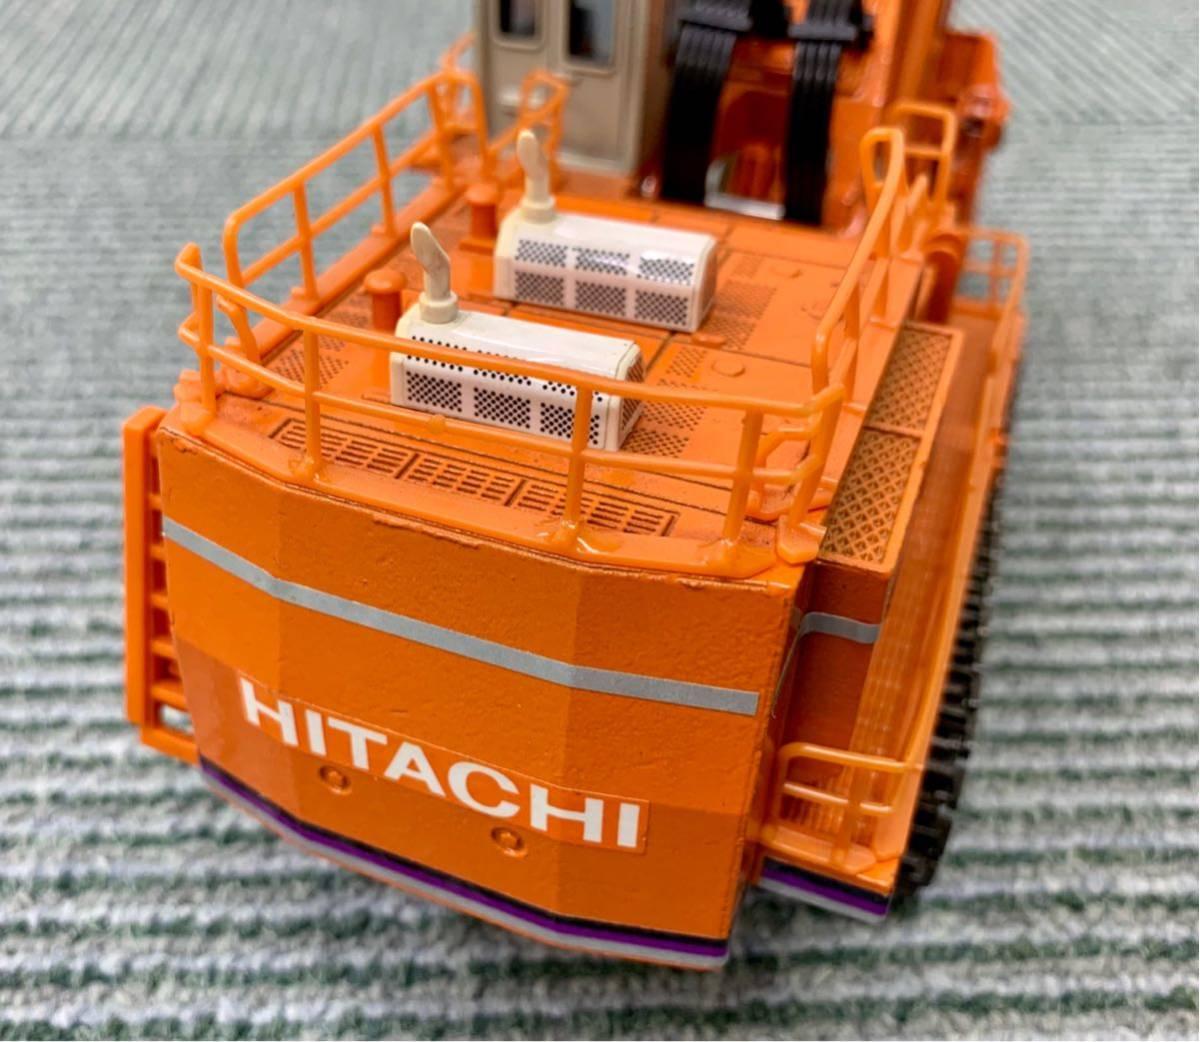 日立 HITACHI ジャイアント・エクスカベーター GIANT EXCAVATOR 油圧ショベルカー EX1800 Landy S=1/60 ミニカー 日本製 箱なし_画像3